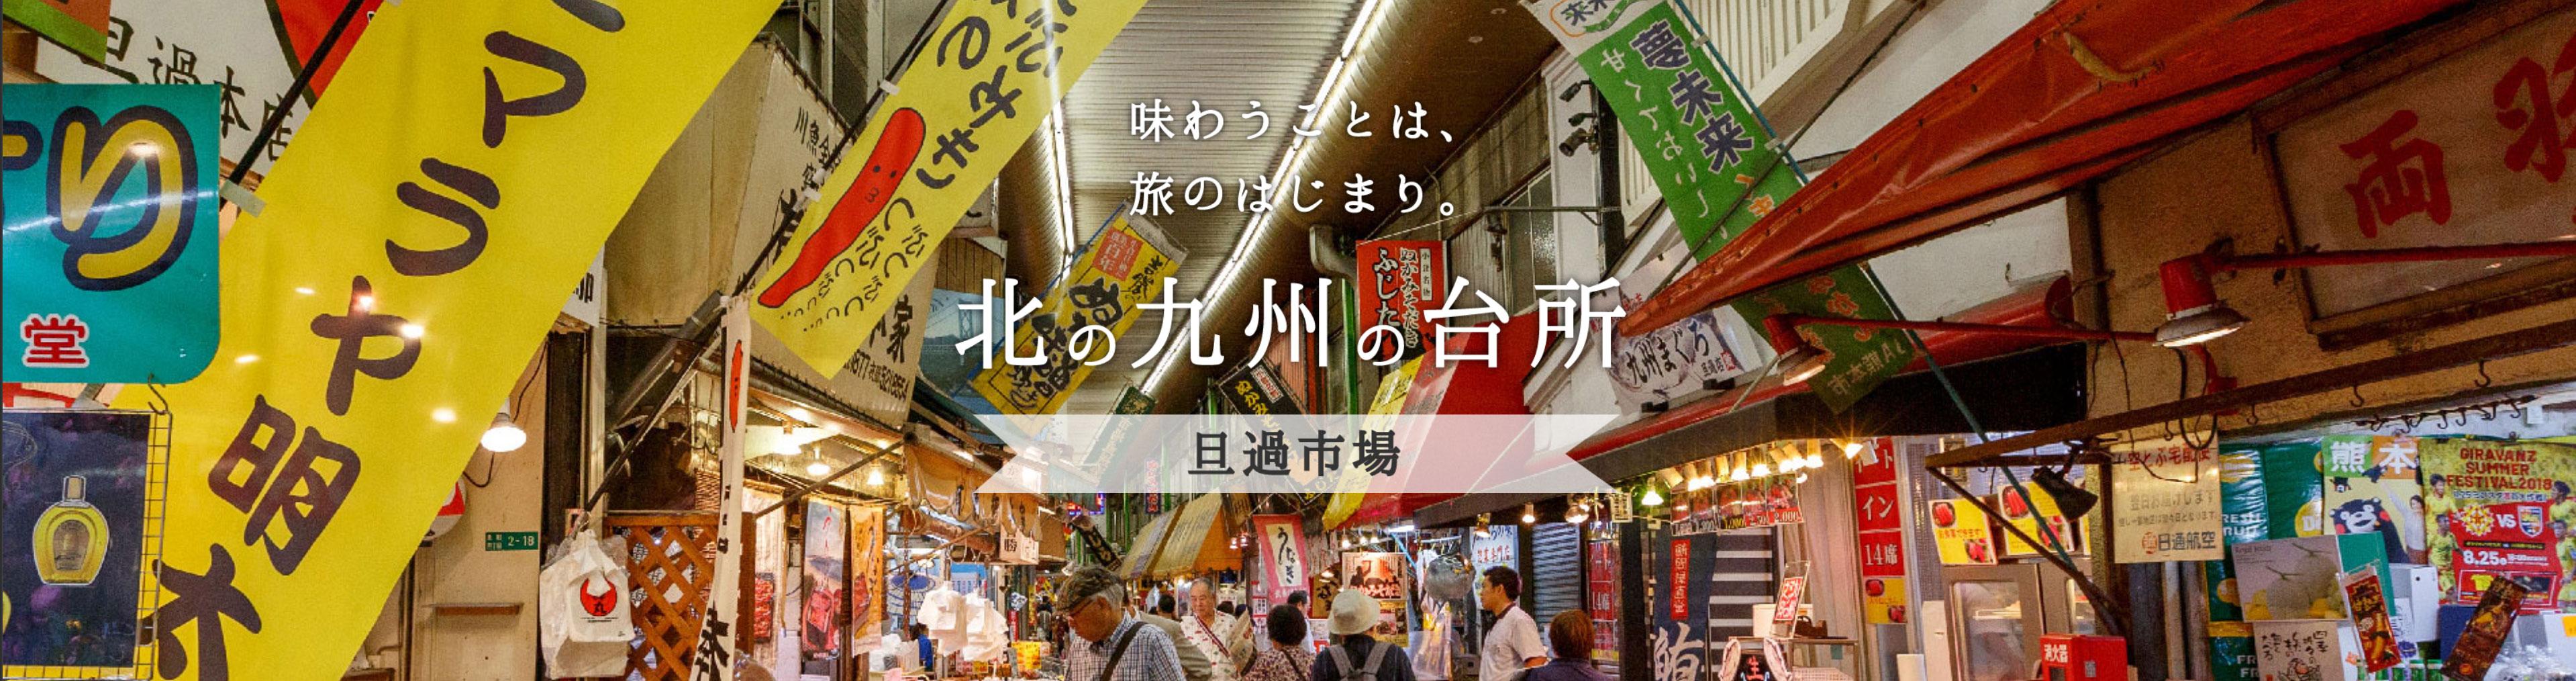 味わうことは、旅の始まり。北の九州の台所 旦過市場